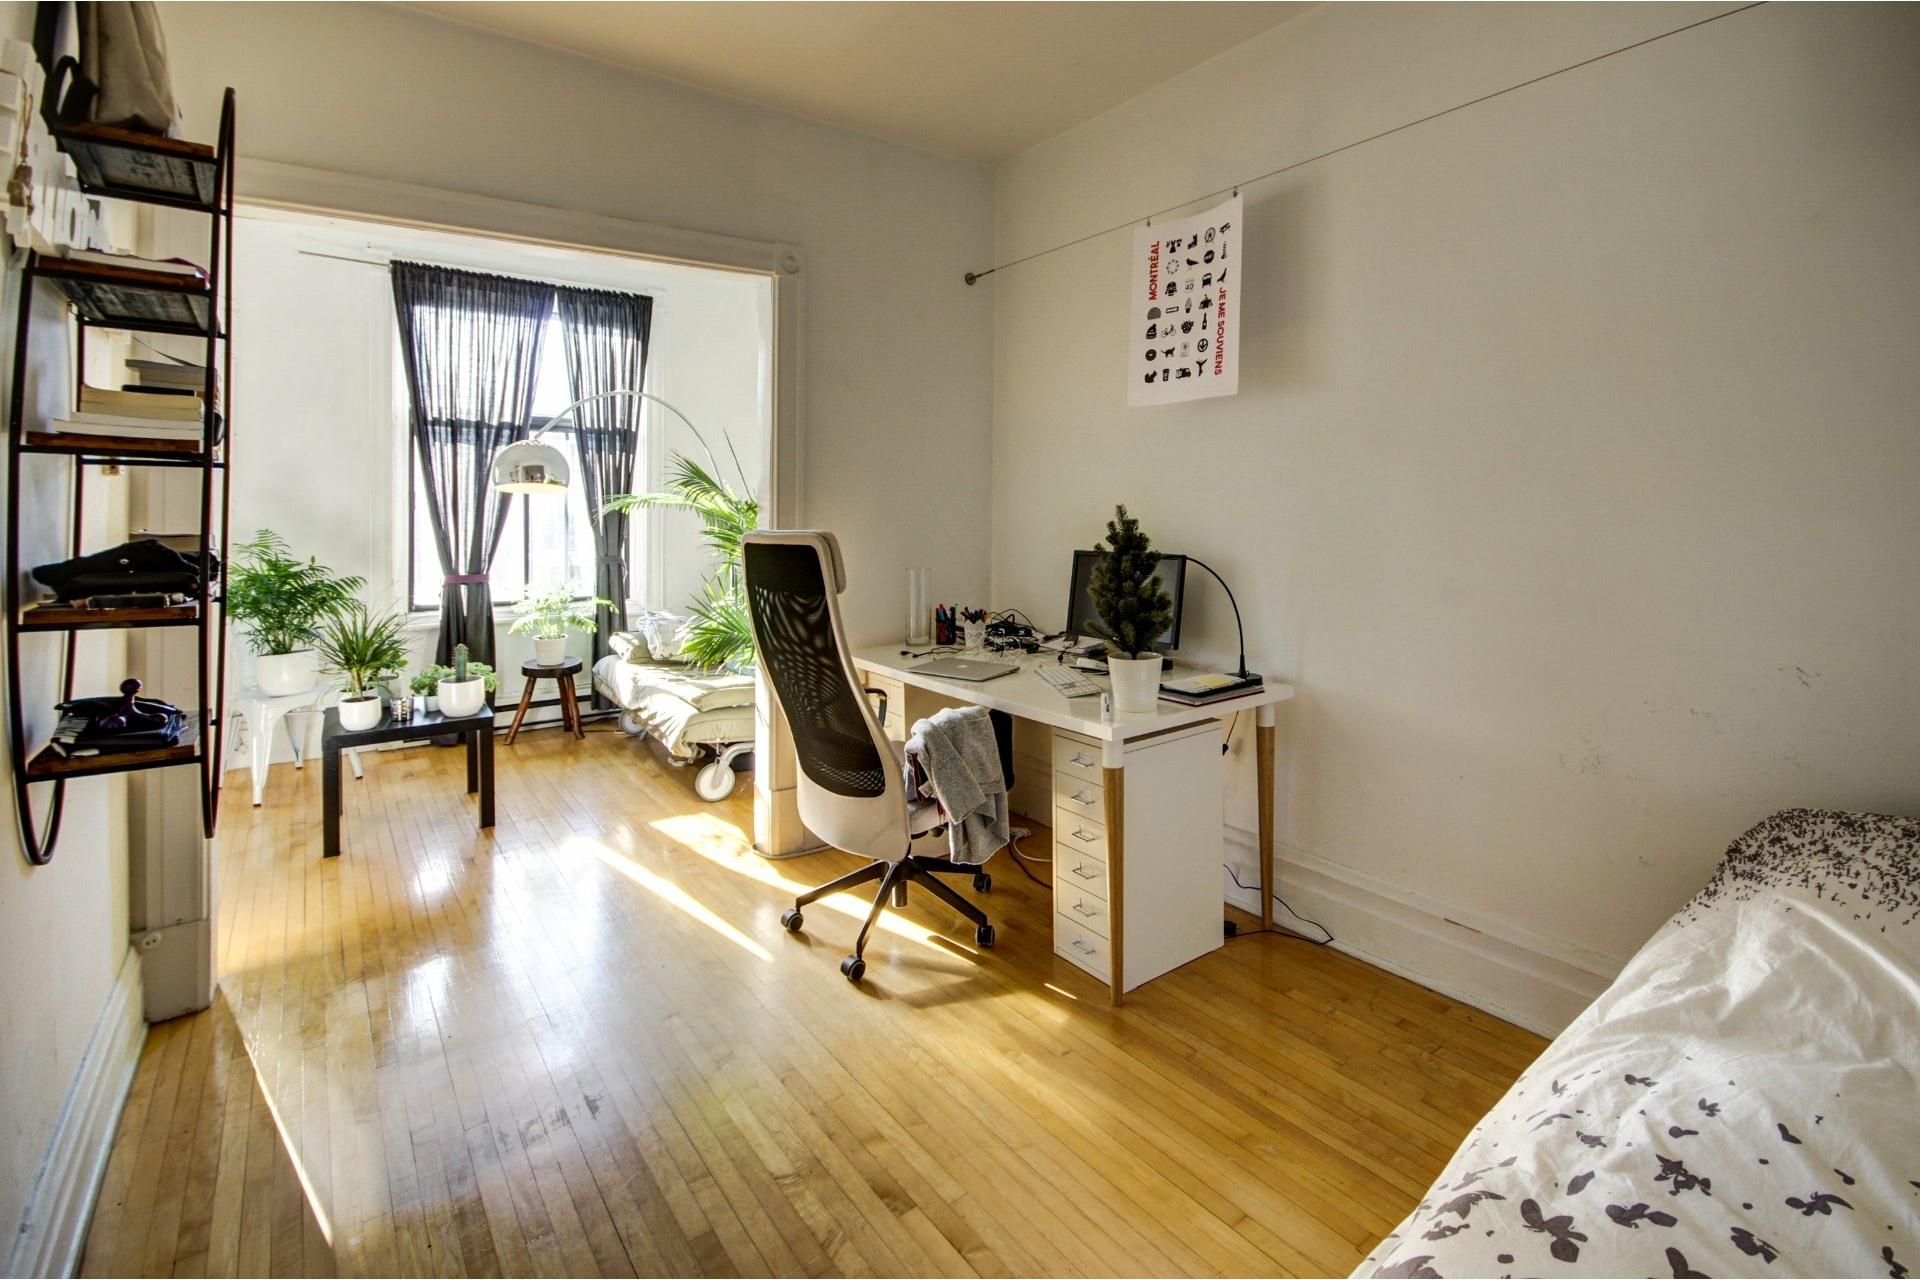 image 28 - Immeuble à revenus À vendre Montréal Le Plateau-Mont-Royal  - 5 pièces